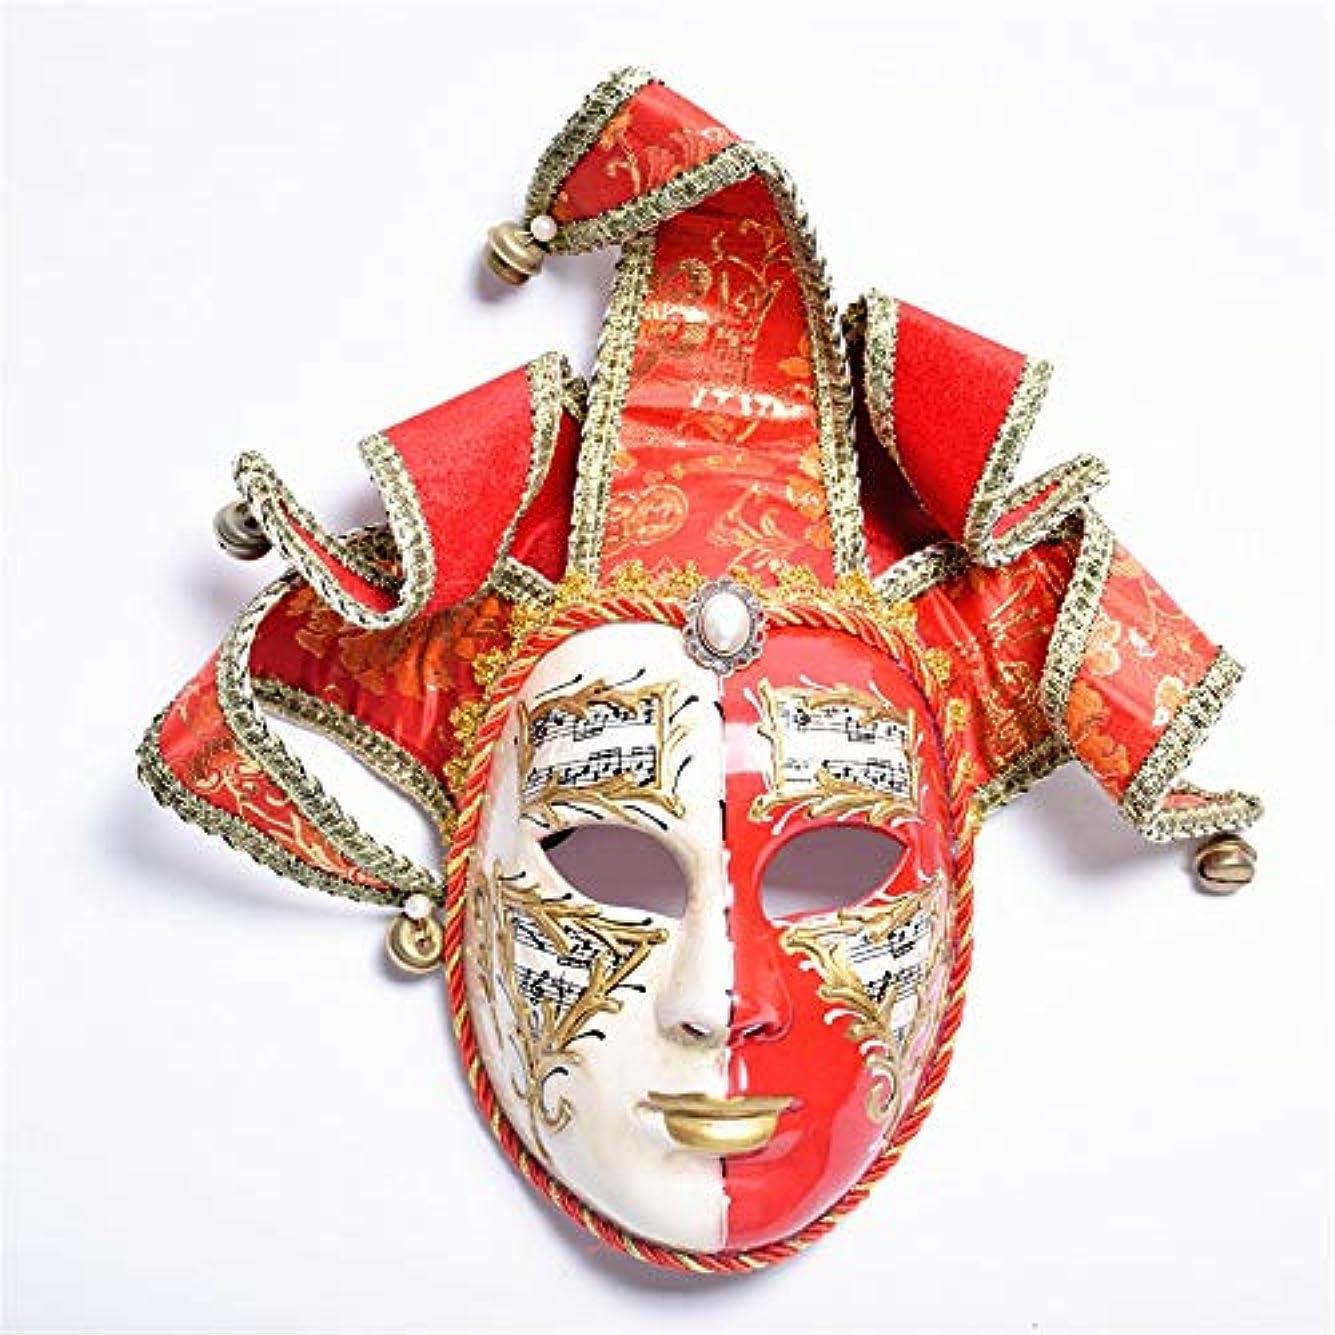 証明する説教する科学者ダンスマスク レッドゴールドマスク女性仮装パーティーナイトクラブロールプレイング装飾プラスチックマスク ホリデーパーティー用品 (色 : Red+Gold, サイズ : 33x31cm)